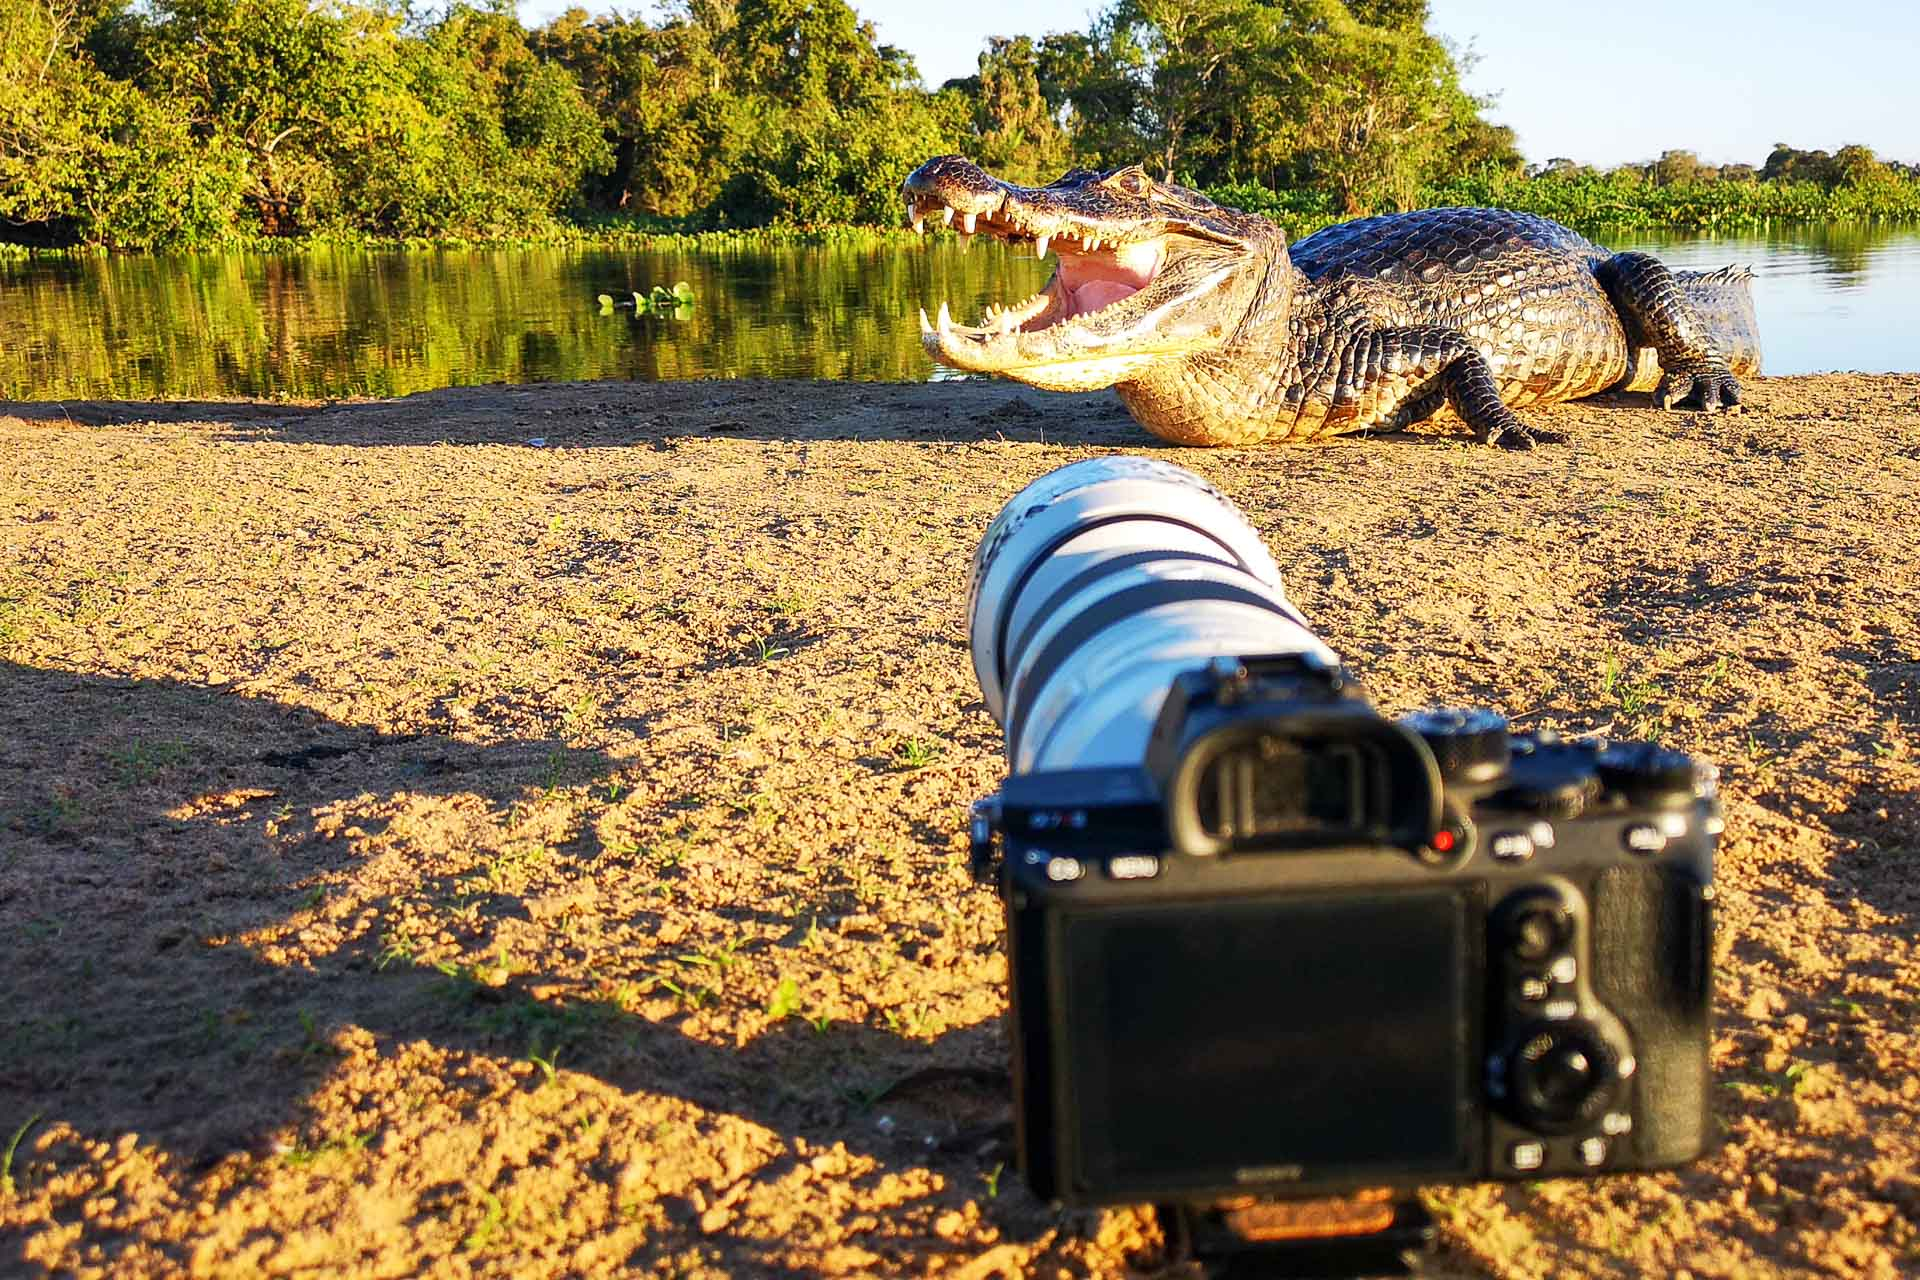 Kamera vor einem Kaiman auf einer Fotoreise im Pantanal in Brasilien - Fotosafari